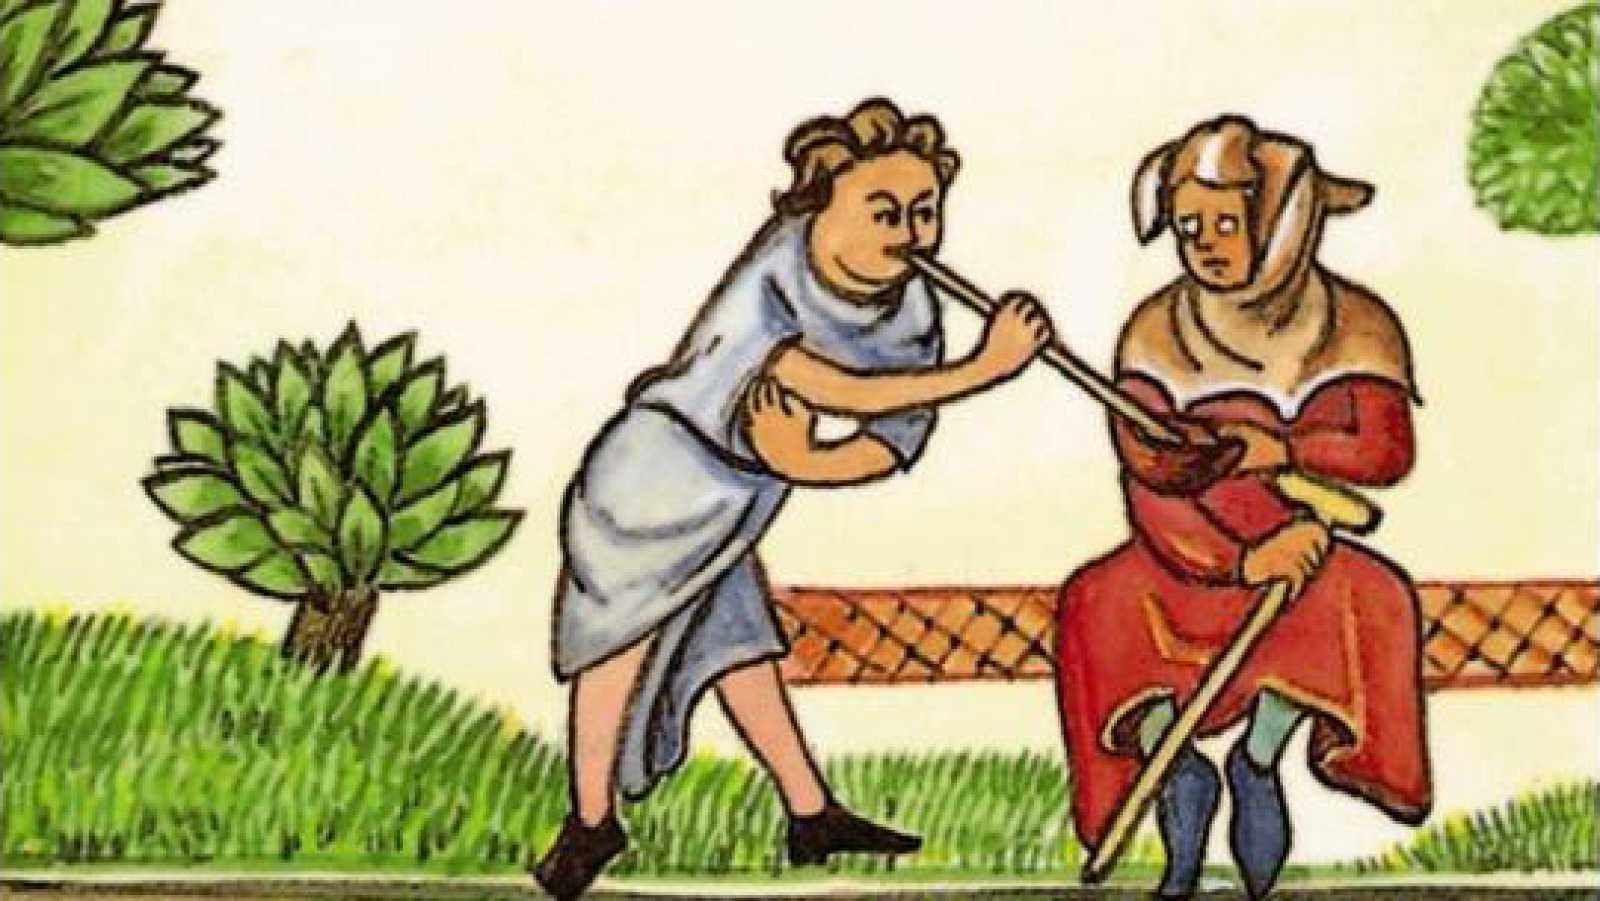 Punto de enlace - El filólogo Francisco Rico revitaliza la lectura de los clásicos - 19/02/20 - escuchar ahora